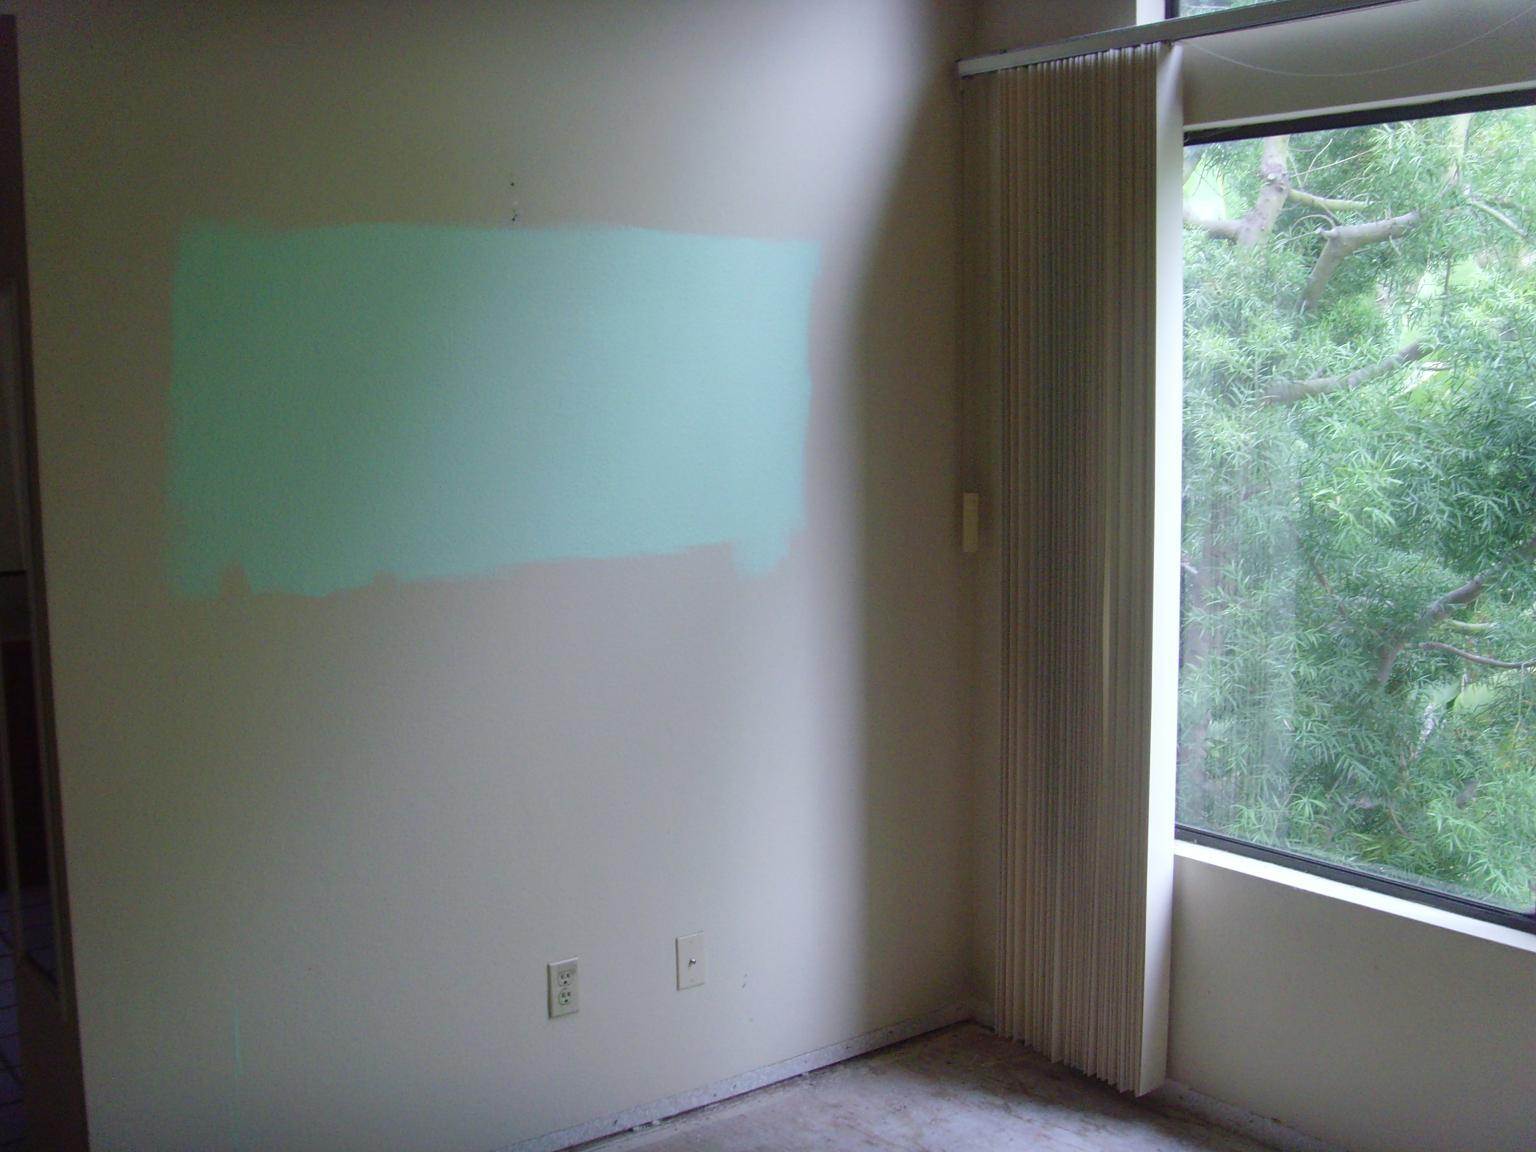 Camera da letto verde acqua: camera da letto verde come arredarla ...